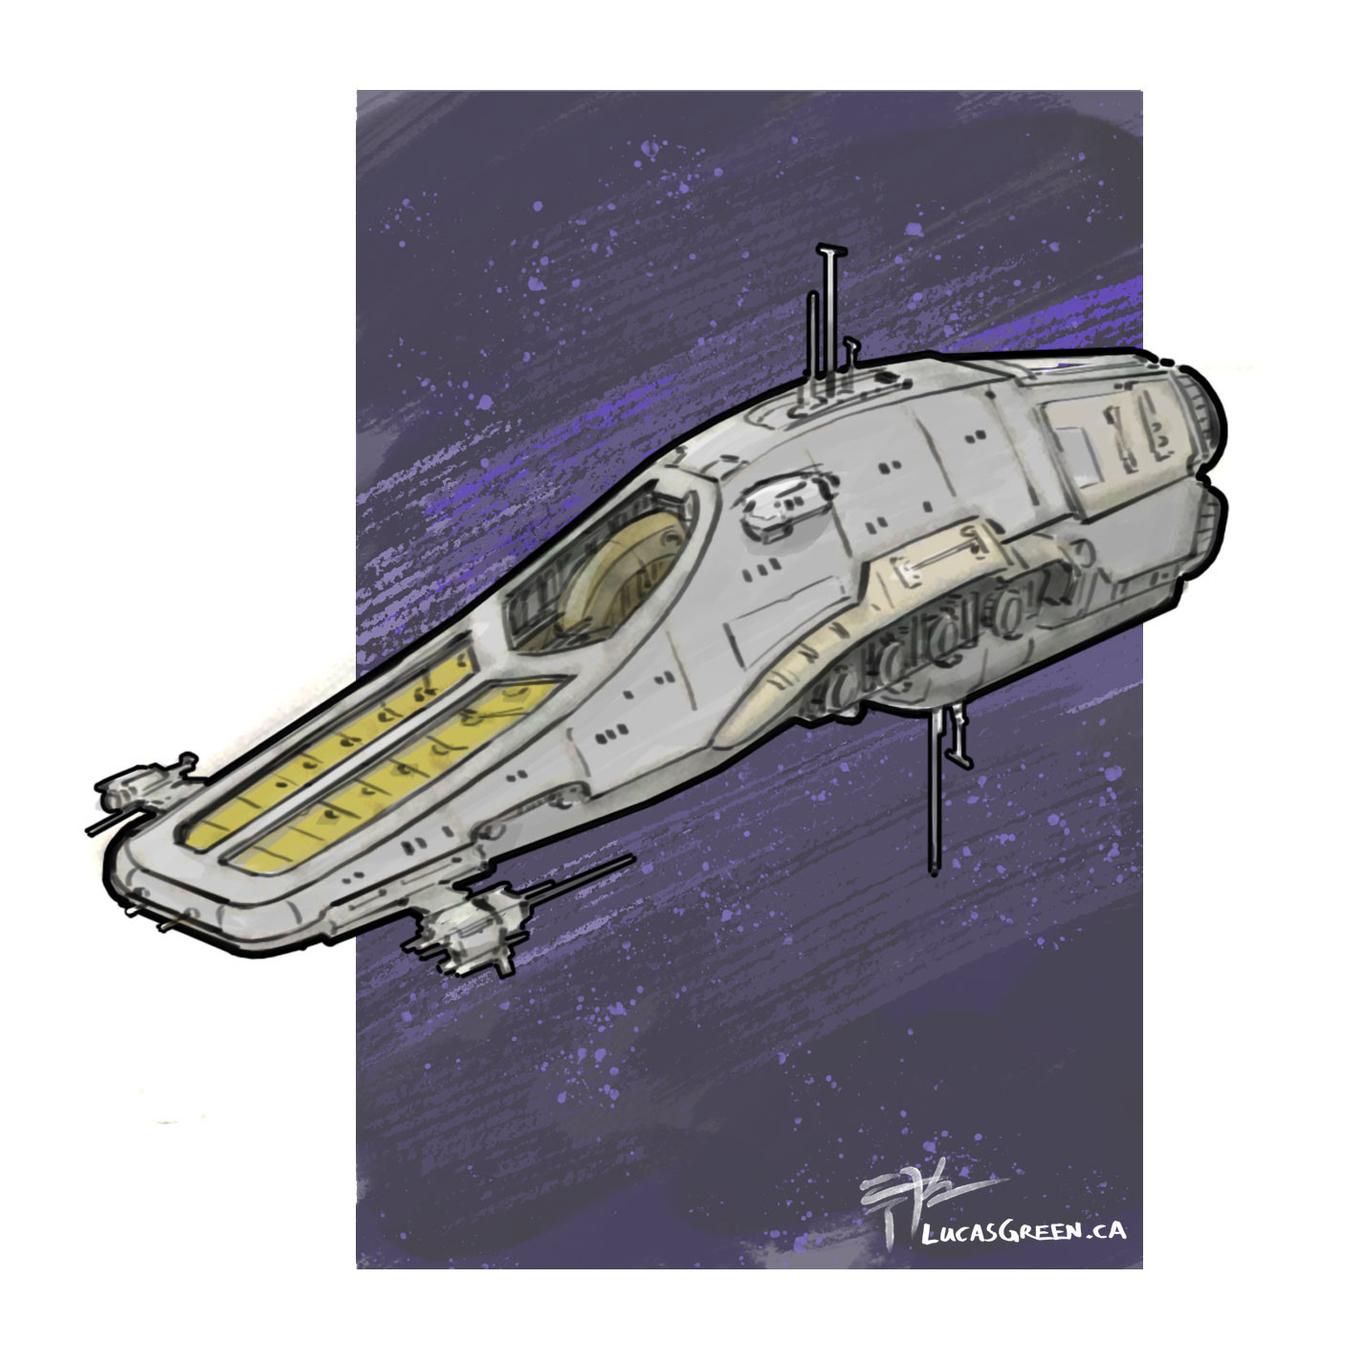 Lucasgreen spaceship sketch 1 7fe99d2f kpyz